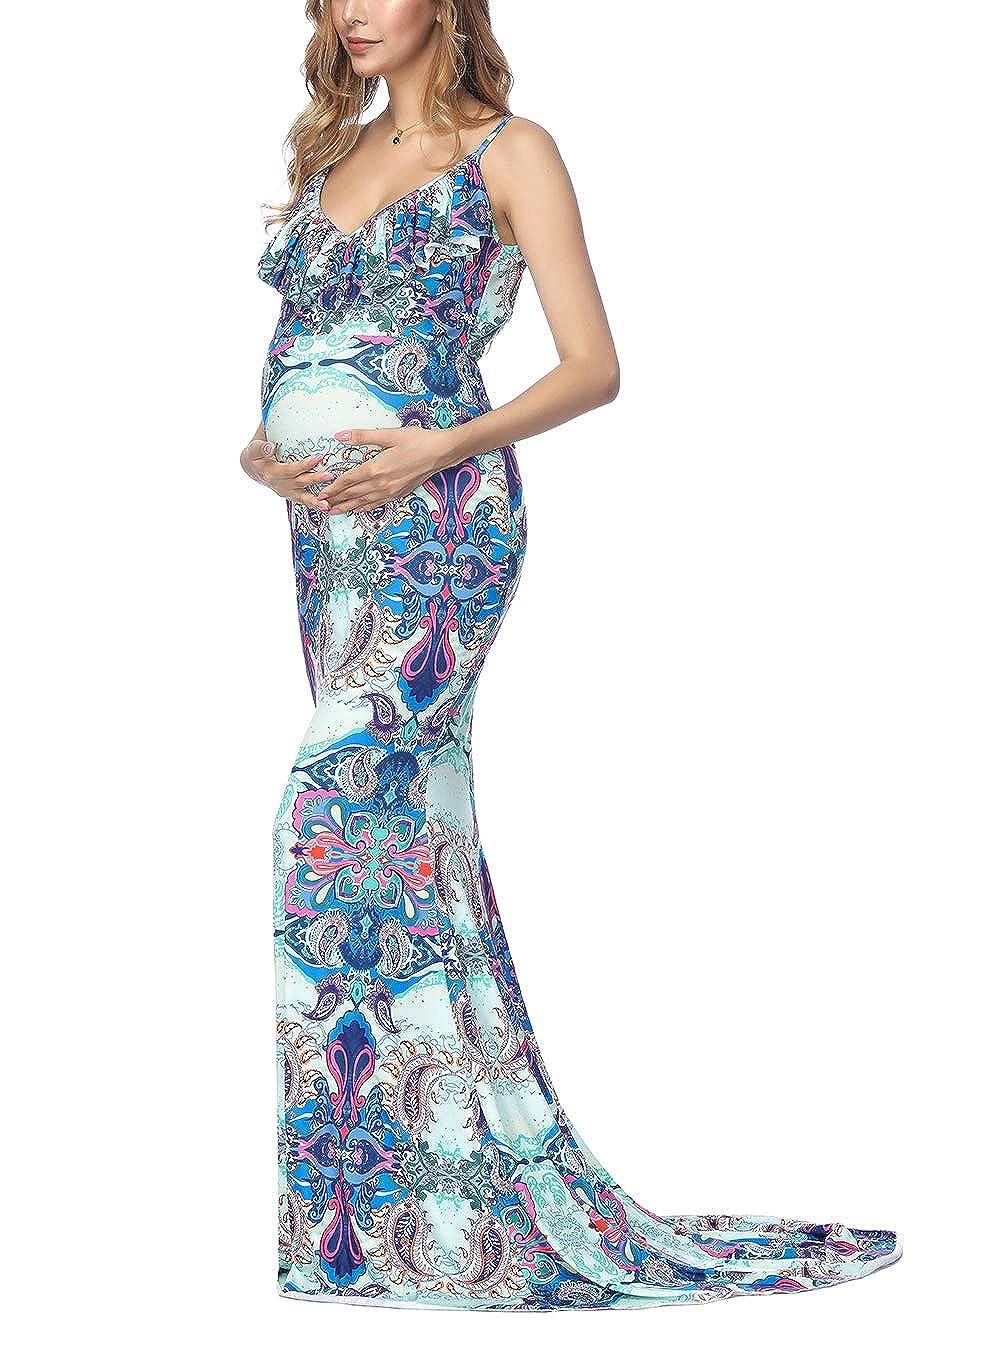 【500円引きクーポン】 JustVH Floral-blue DRESS レディース X-Large B07HJ3CN9H レディース X-Large|Floral-blue Floral-blue X-Large, ゴジョウシ:6ac48595 --- mcrisartesanato.com.br